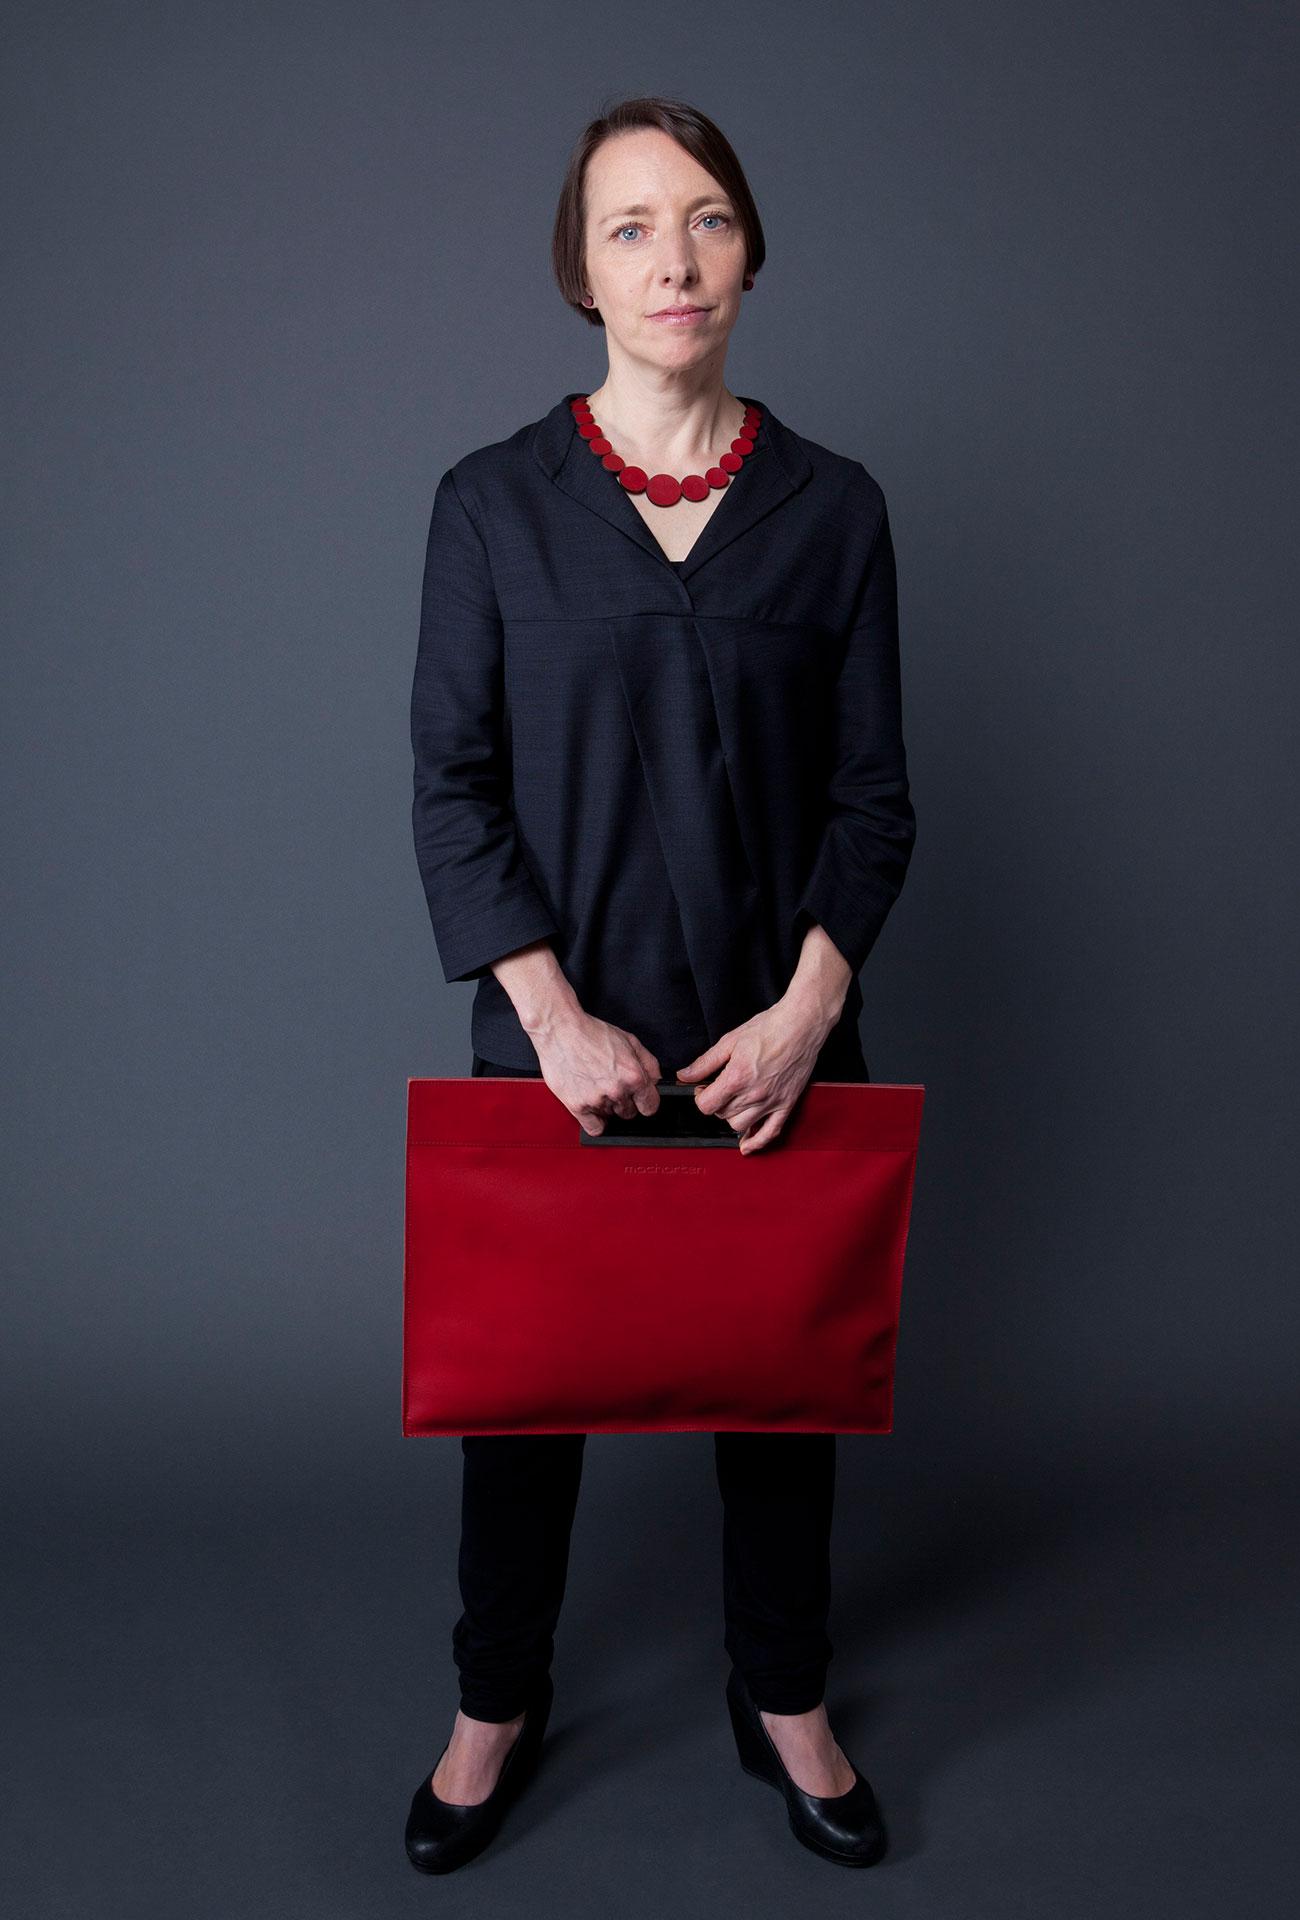 Monika Assem mit Tasche